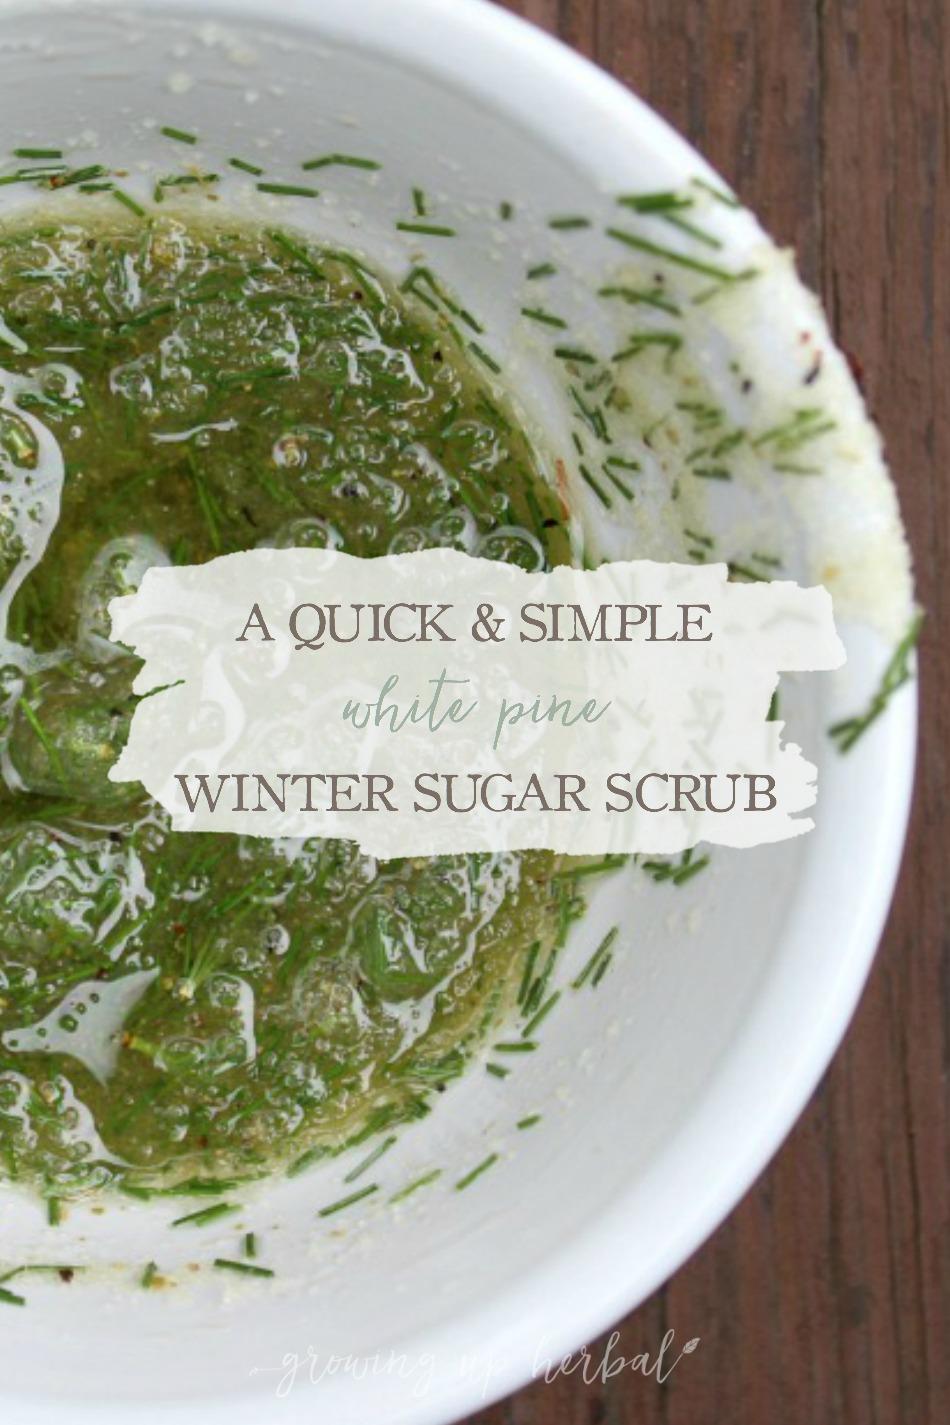 A Quick & Simple White Pine Winter Sugar Scrub